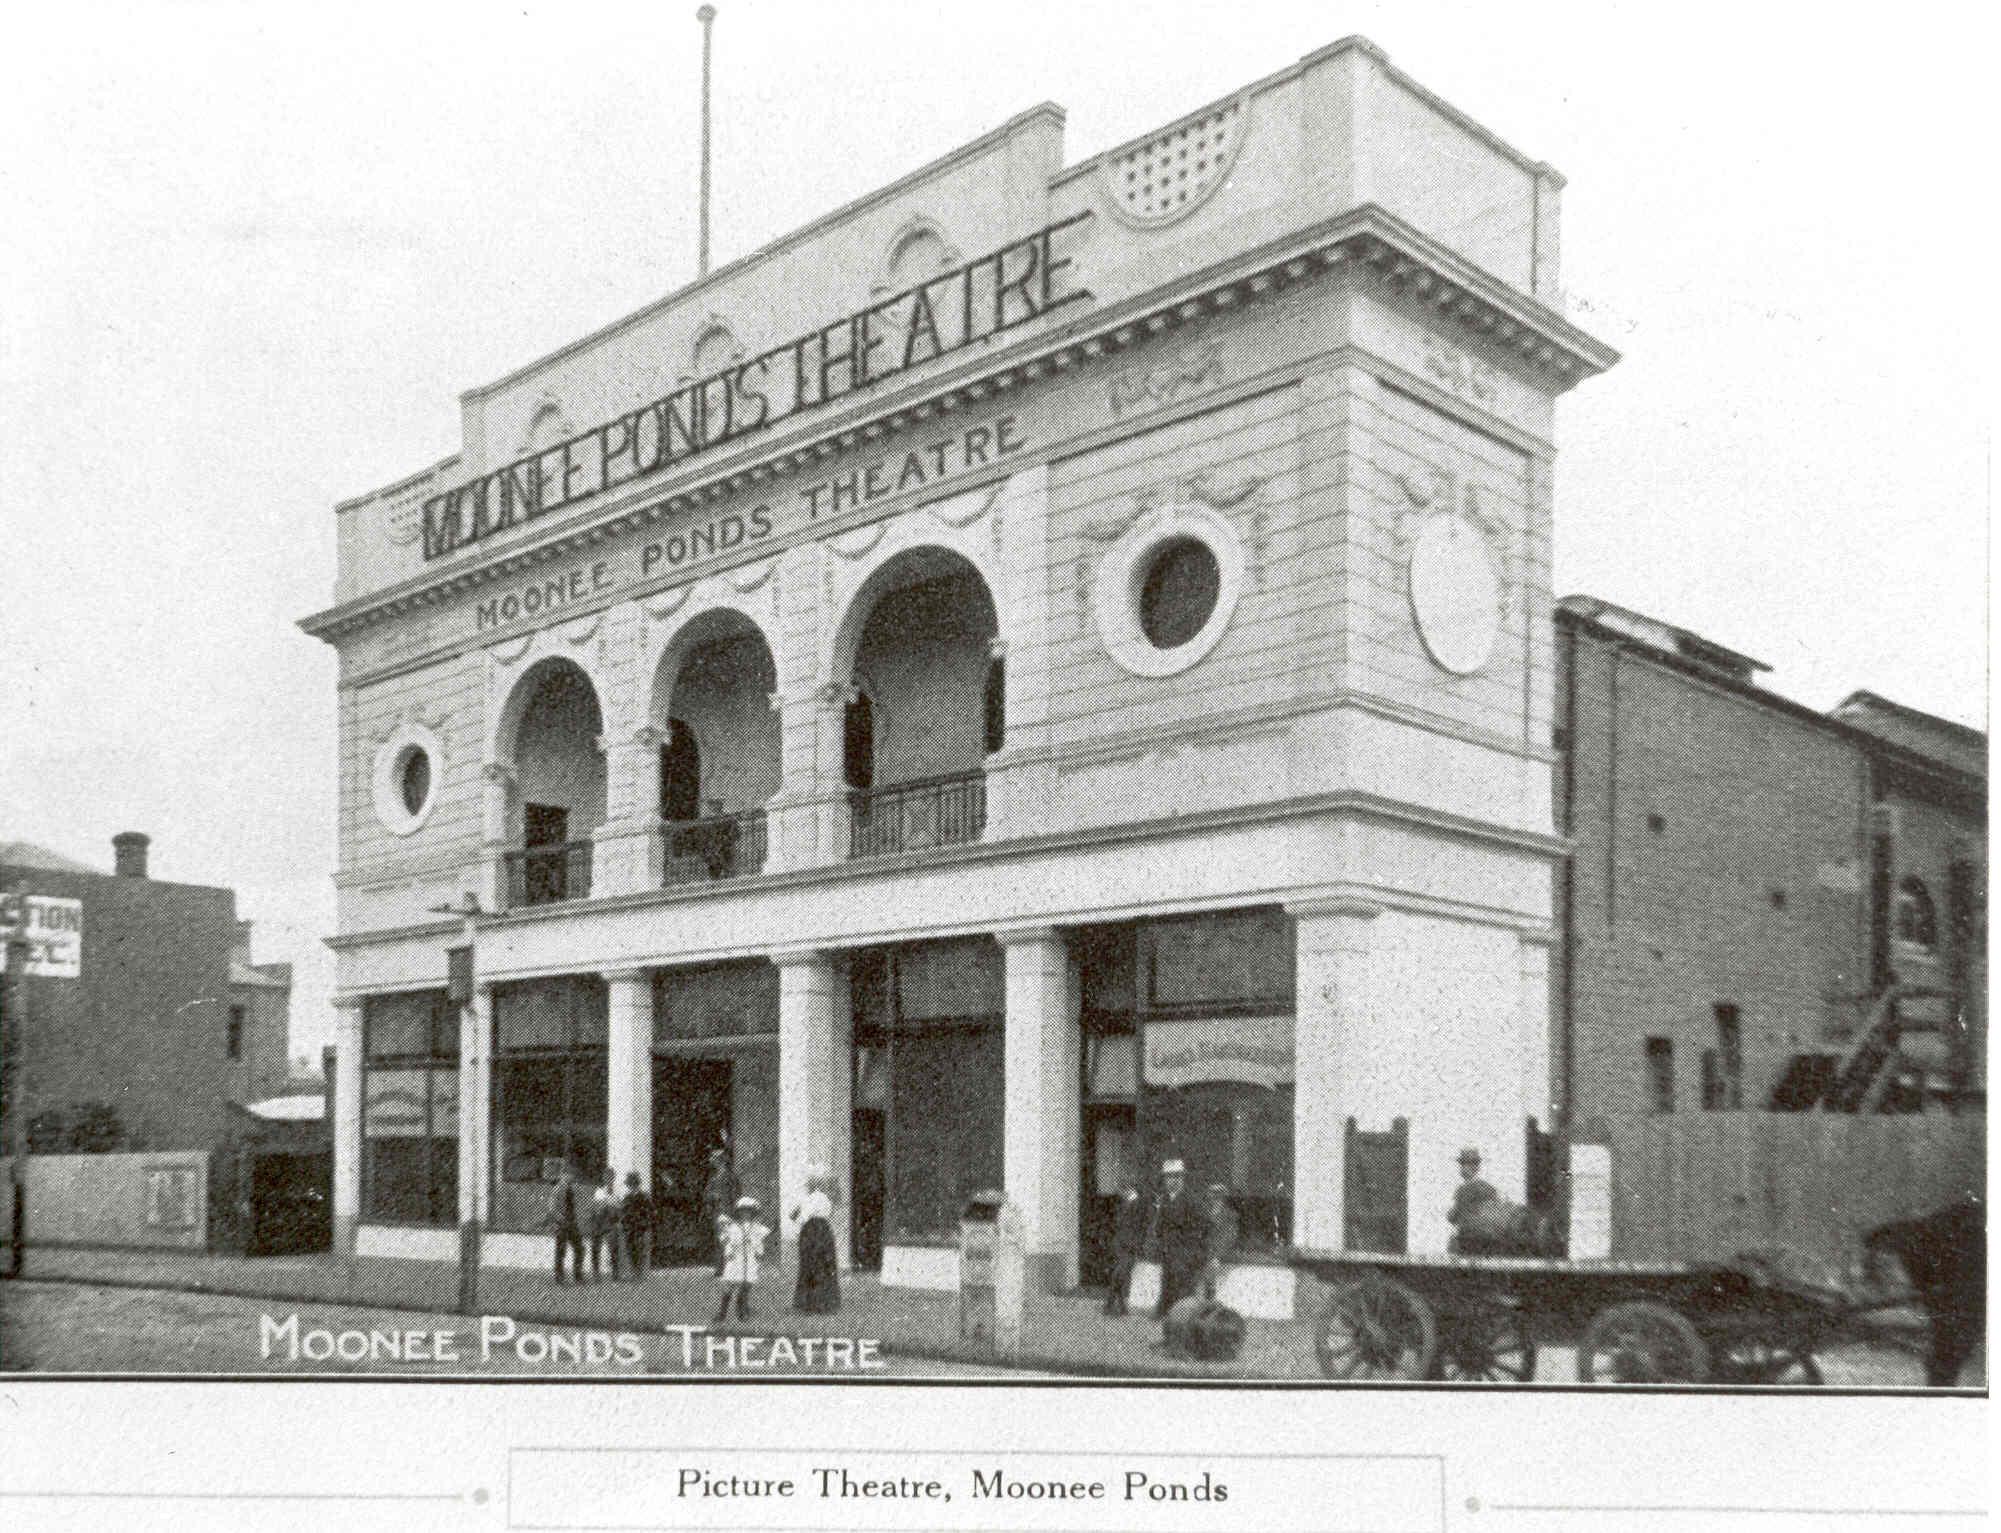 Moonee Ponds Theatre